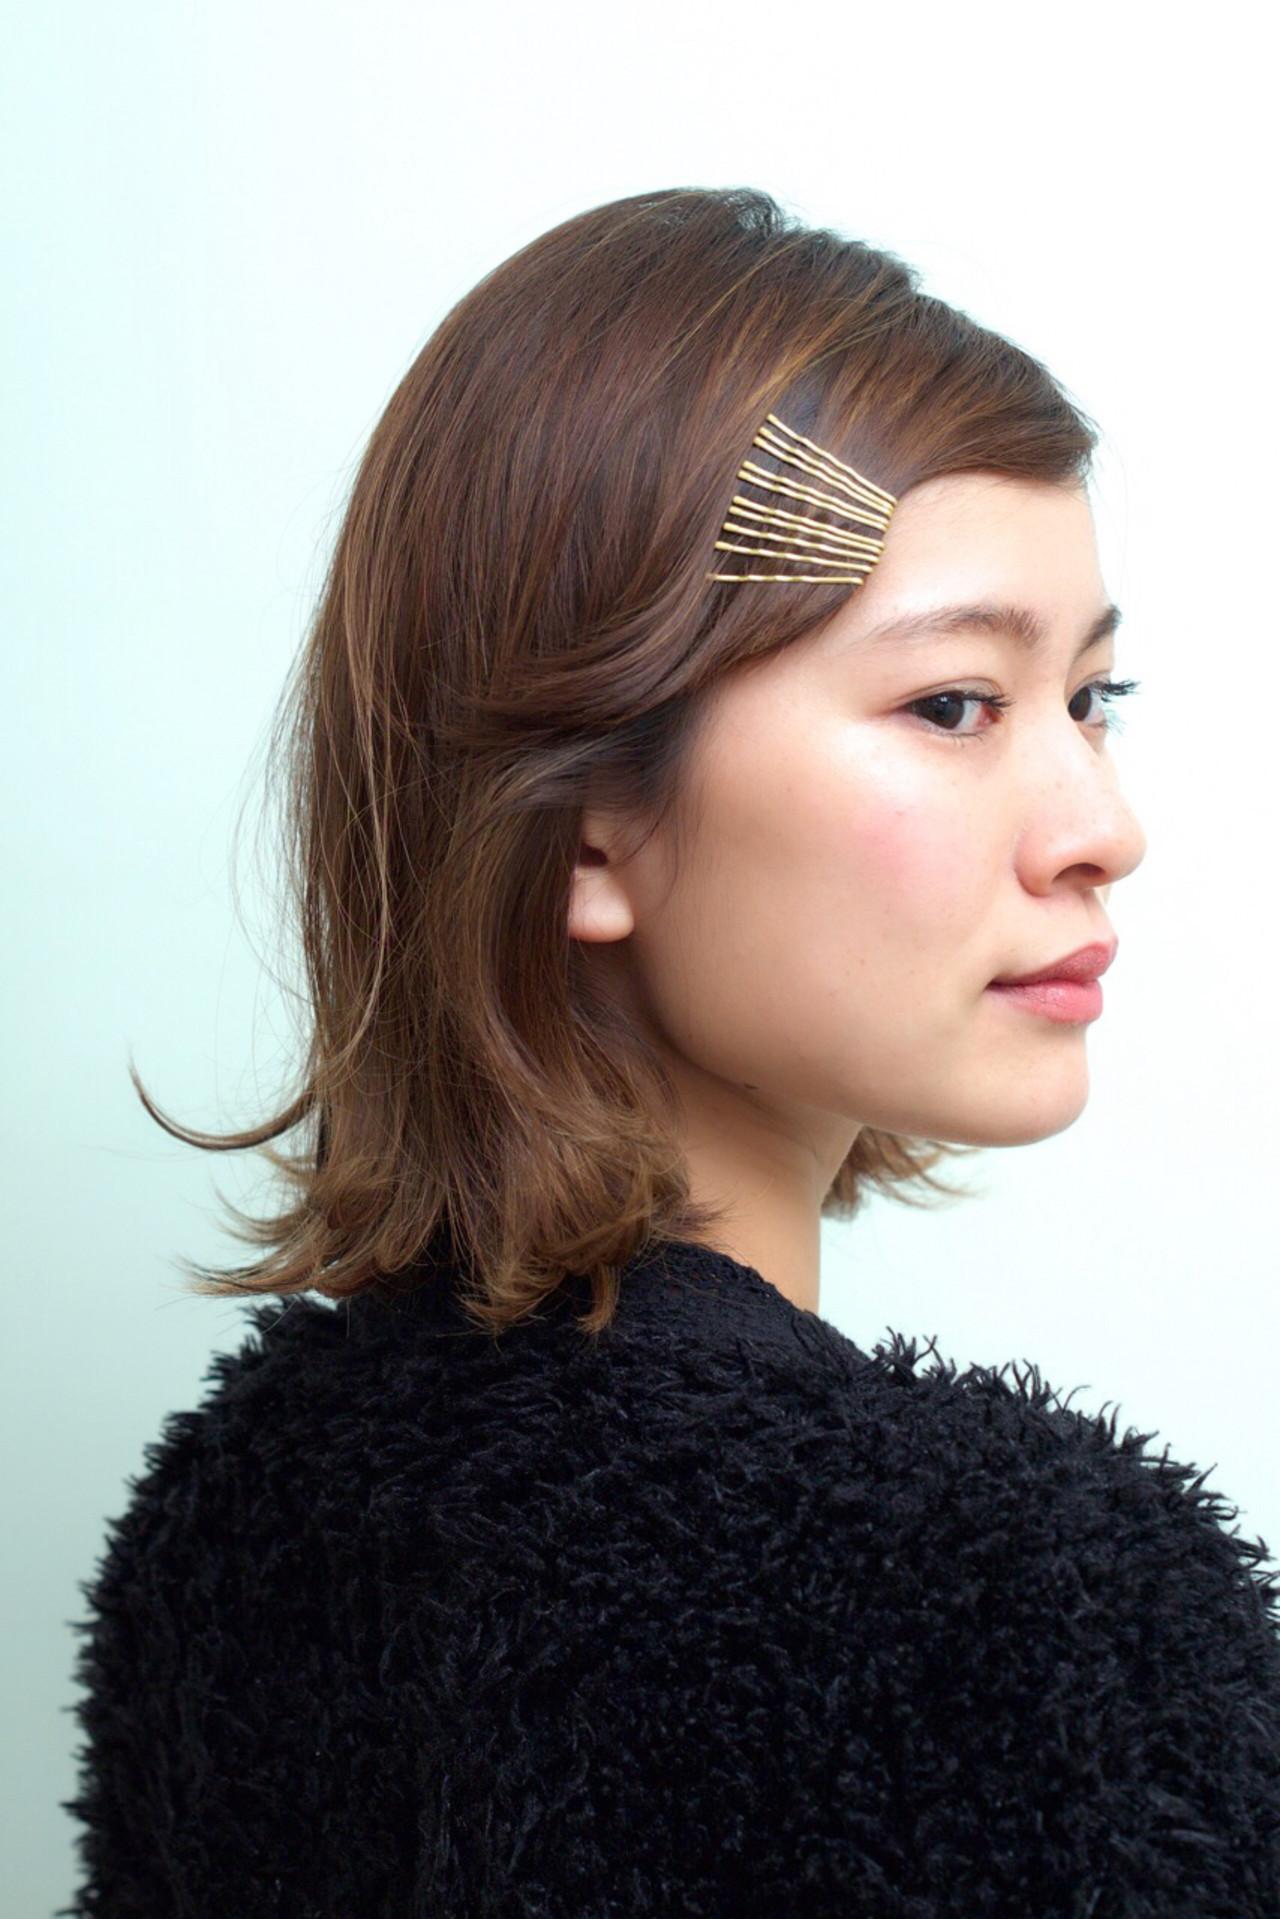 前髪で周りと差がつく!前髪の簡単ヘアアレンジ8選|【HAIR】